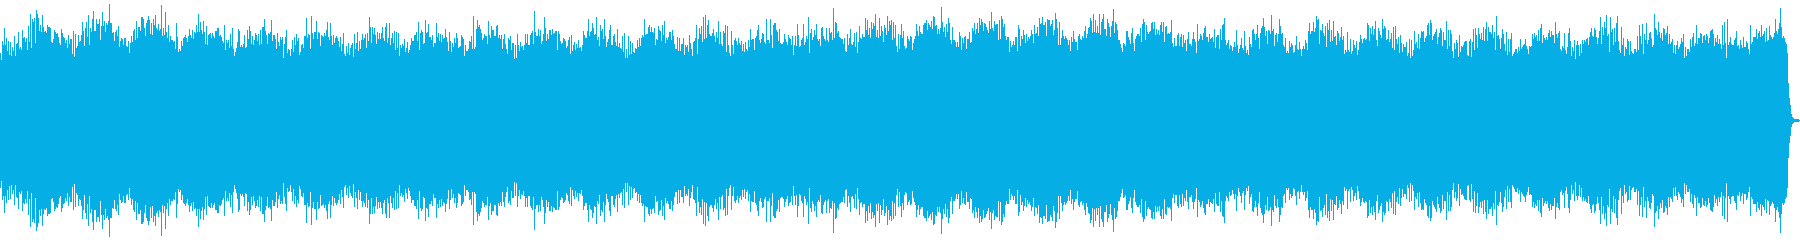 エネルギーが満ち溢れるシュインシュイン…の再生済みの波形